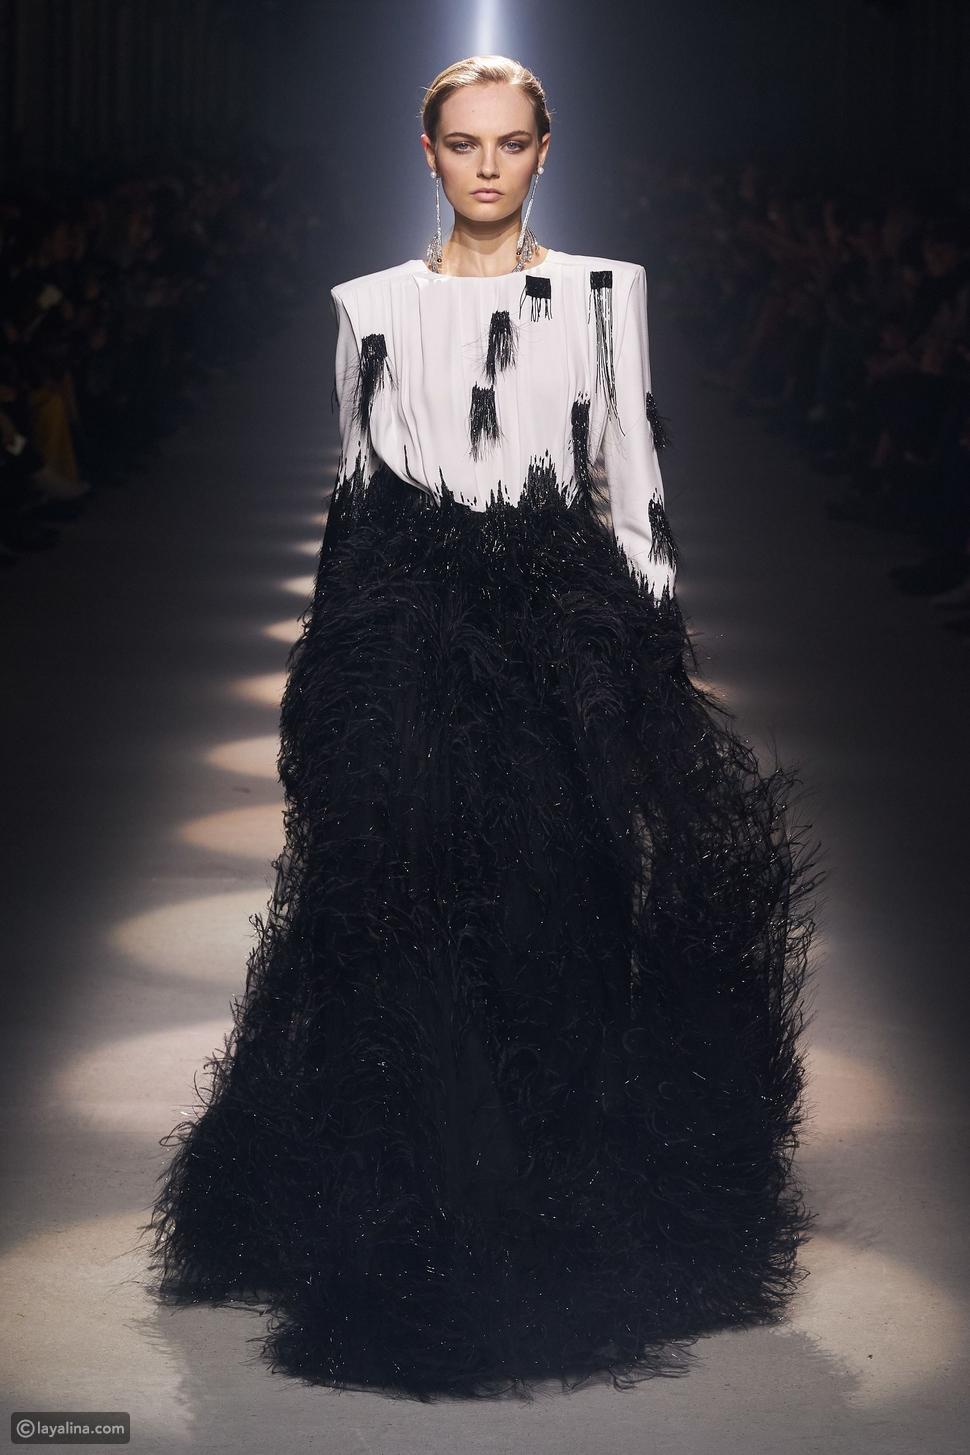 أزياء مزينة بالريش الأسود